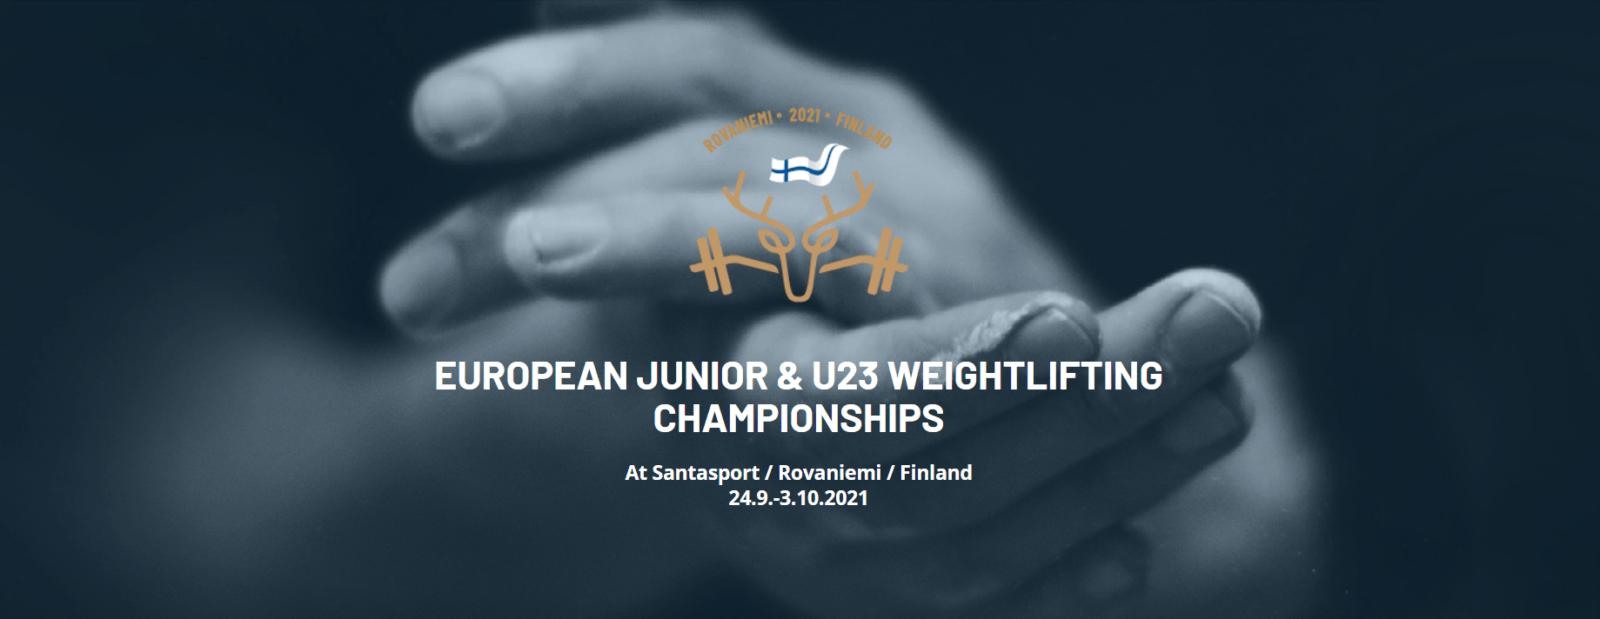 Первенство Европы по тяжелой атлетике среди юниоров и молодежи (15-20, 21-23 года), Рованиеми, Финляндия